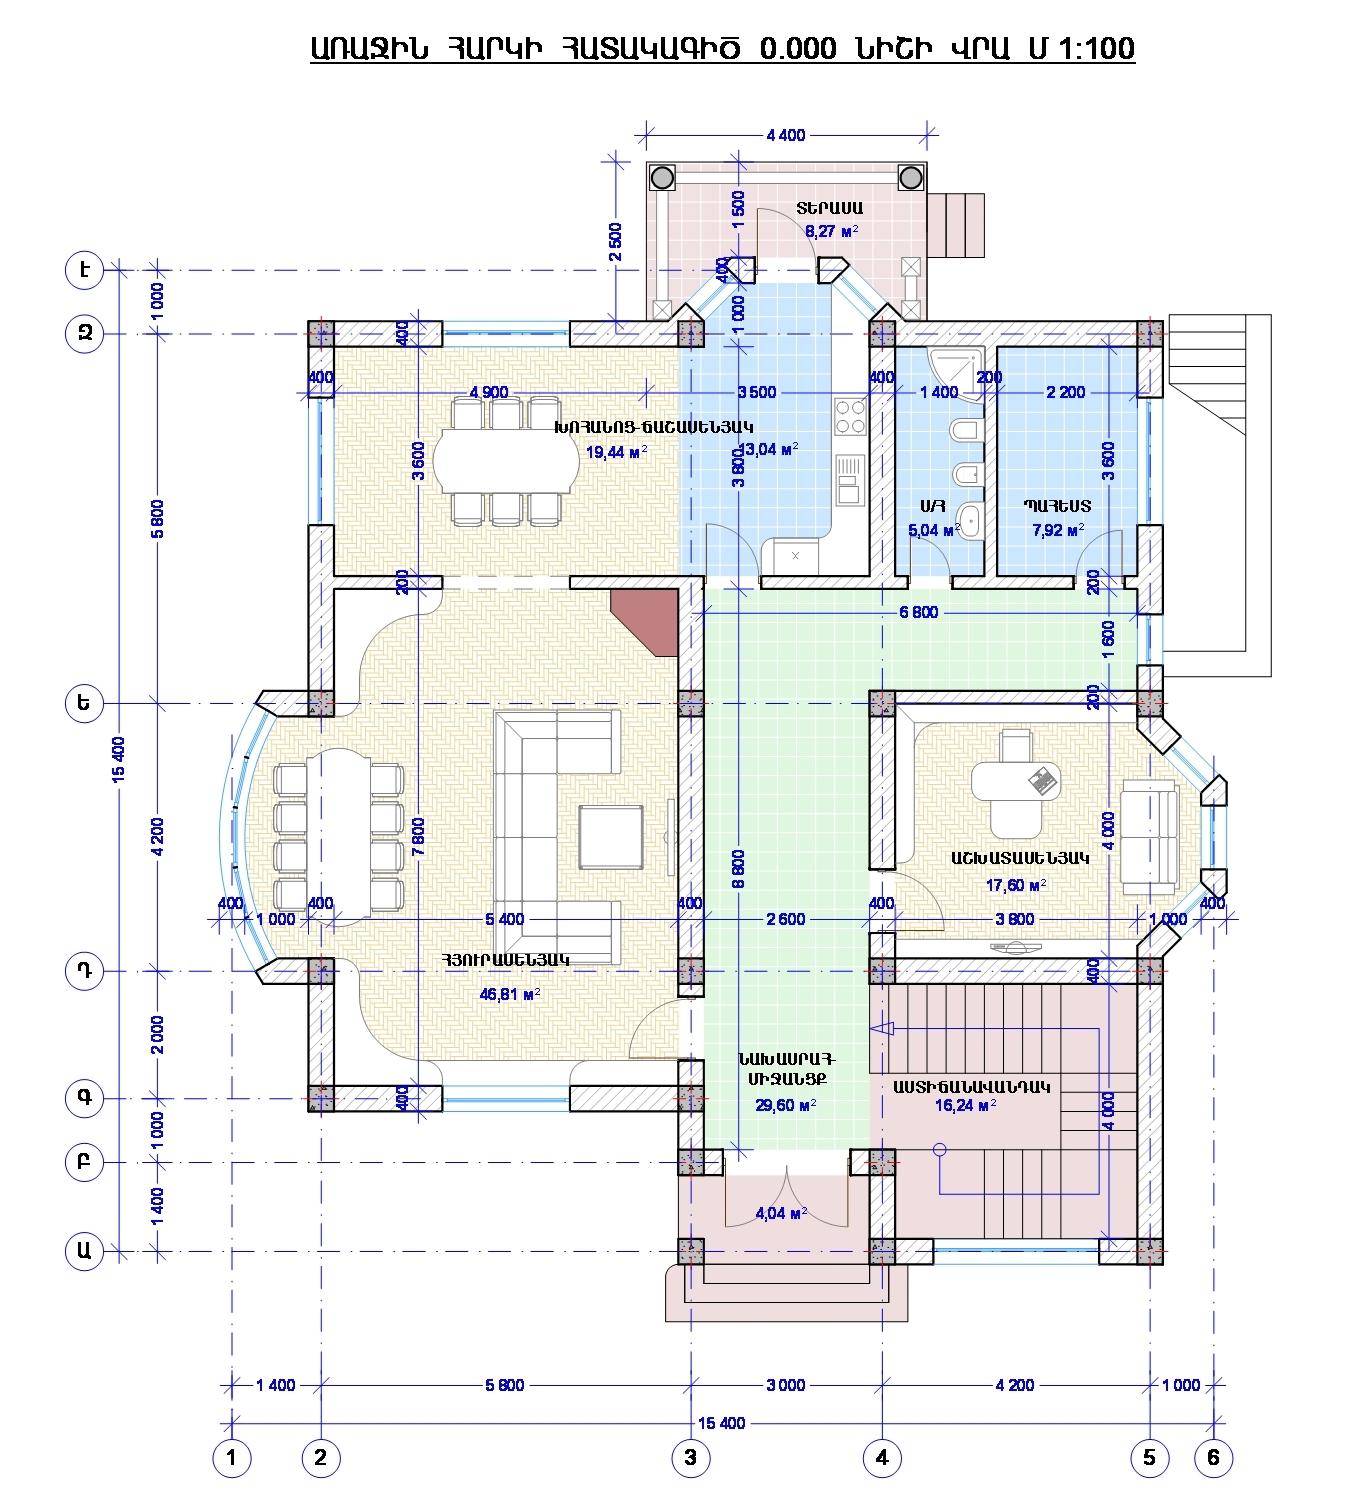 Проект двухэтажного дома с сауной, беседкой, зона барбекю и бассейном - план 1го этажа